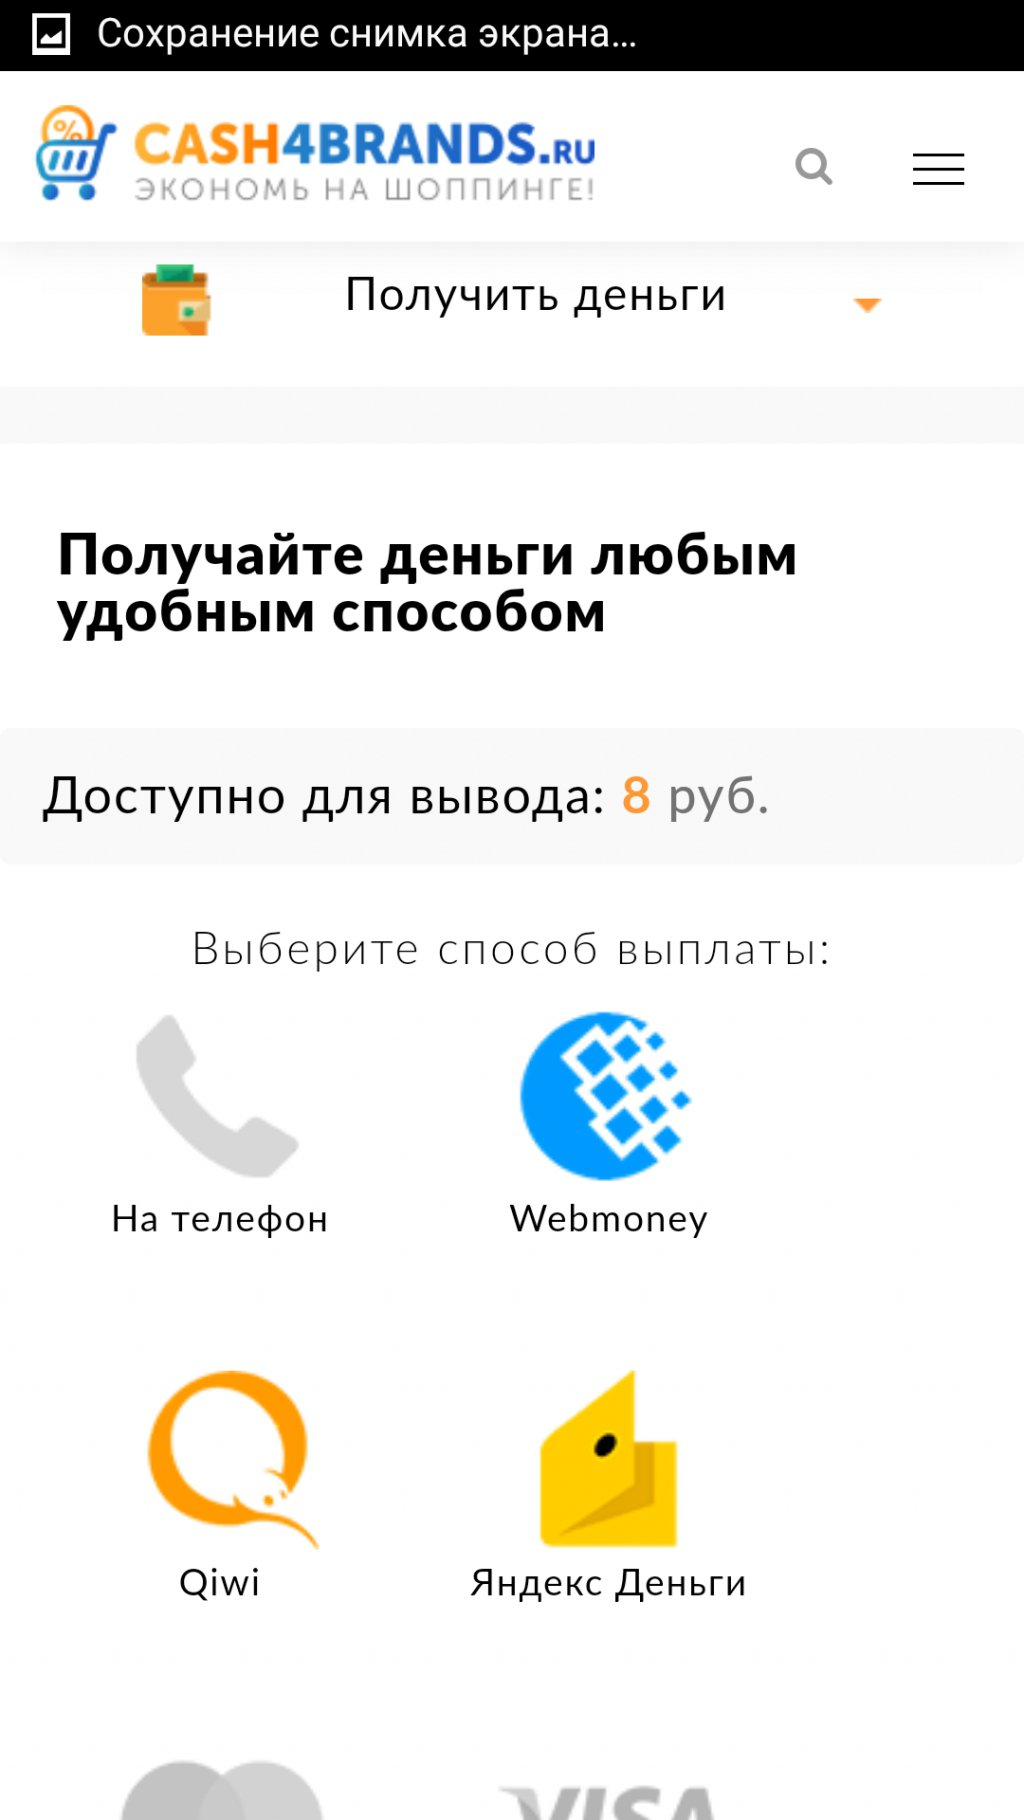 Cash4brands - Cash4brands.ru